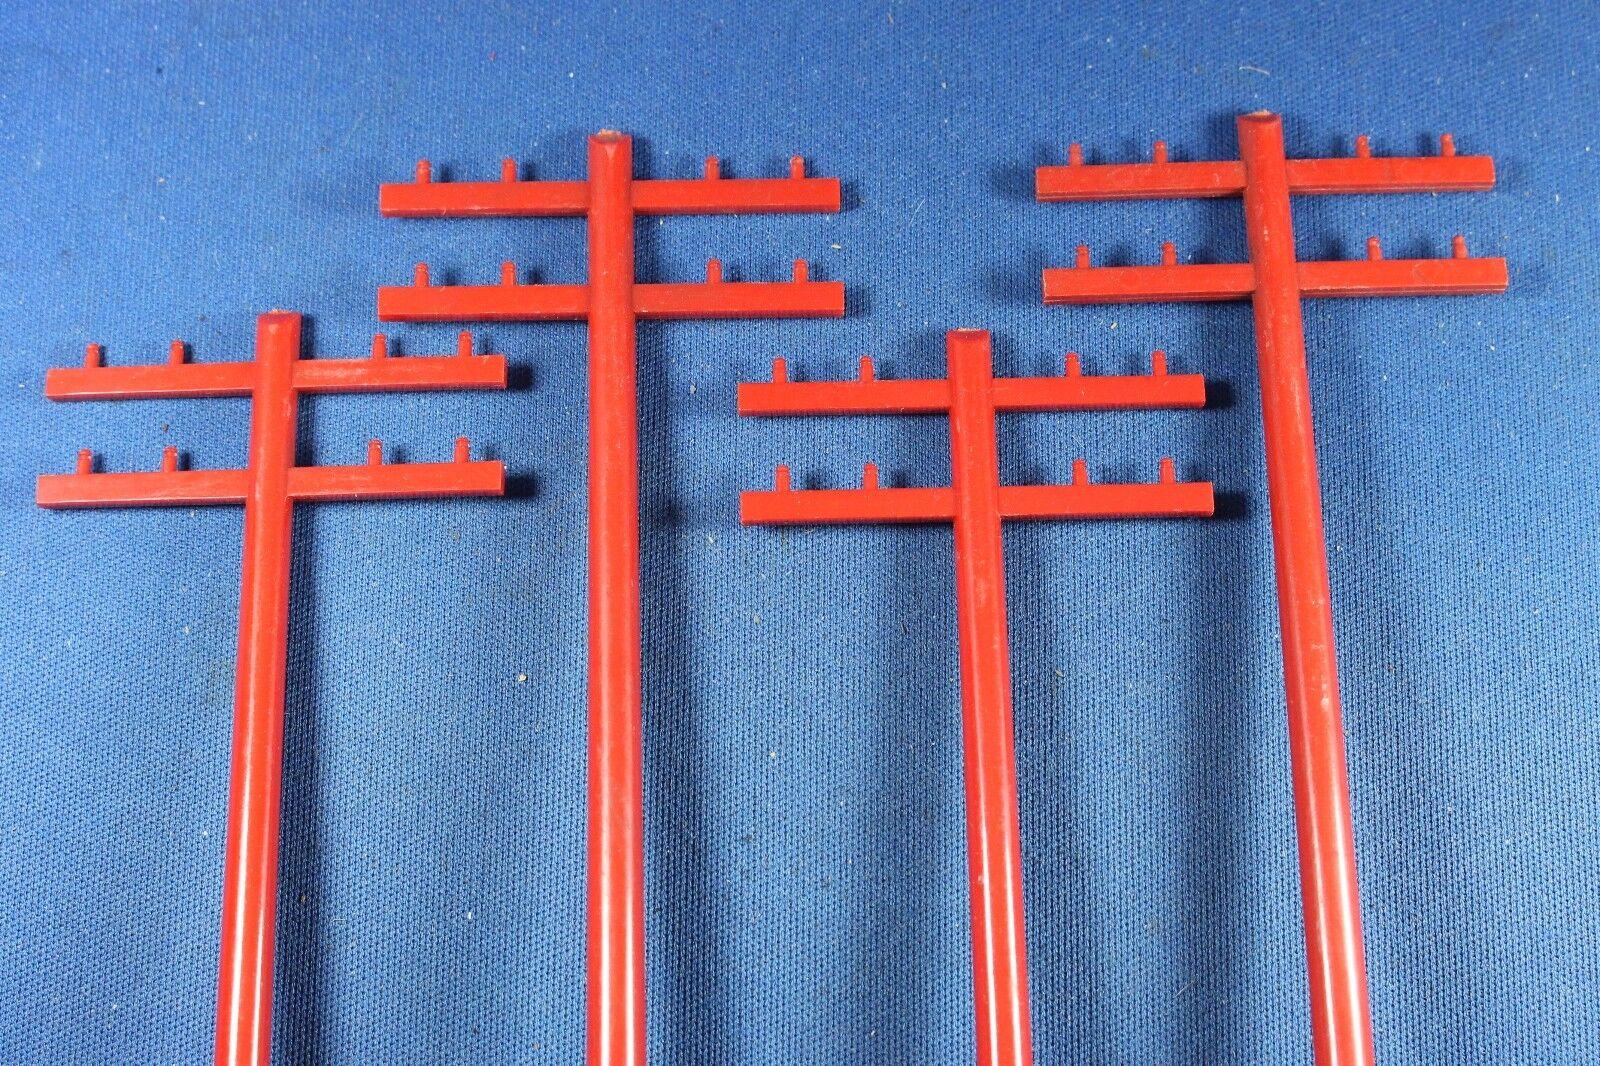 Plasticville-O-O27 - TP-5 Rojo postes postes postes de teléfono (12) - Distribuidor Caja-Excelente b6e7be